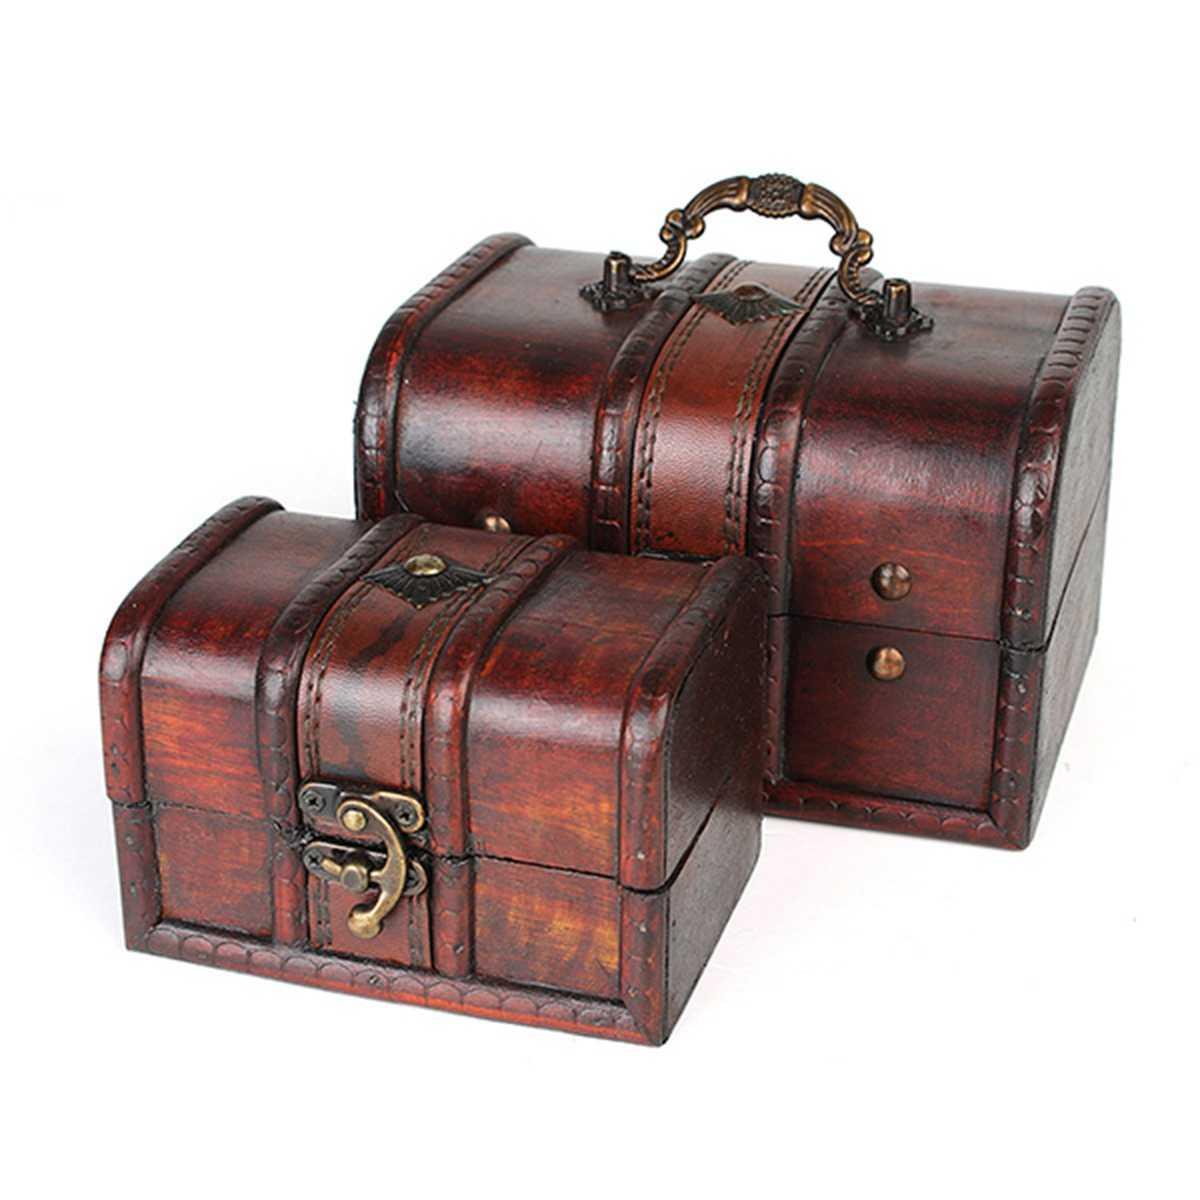 Деревянная шкатулка для ювелирных украшений коробка винтажное ожерелье браслет кольца Органайзер чехол с металлическим замком контейнер маленький большой размер